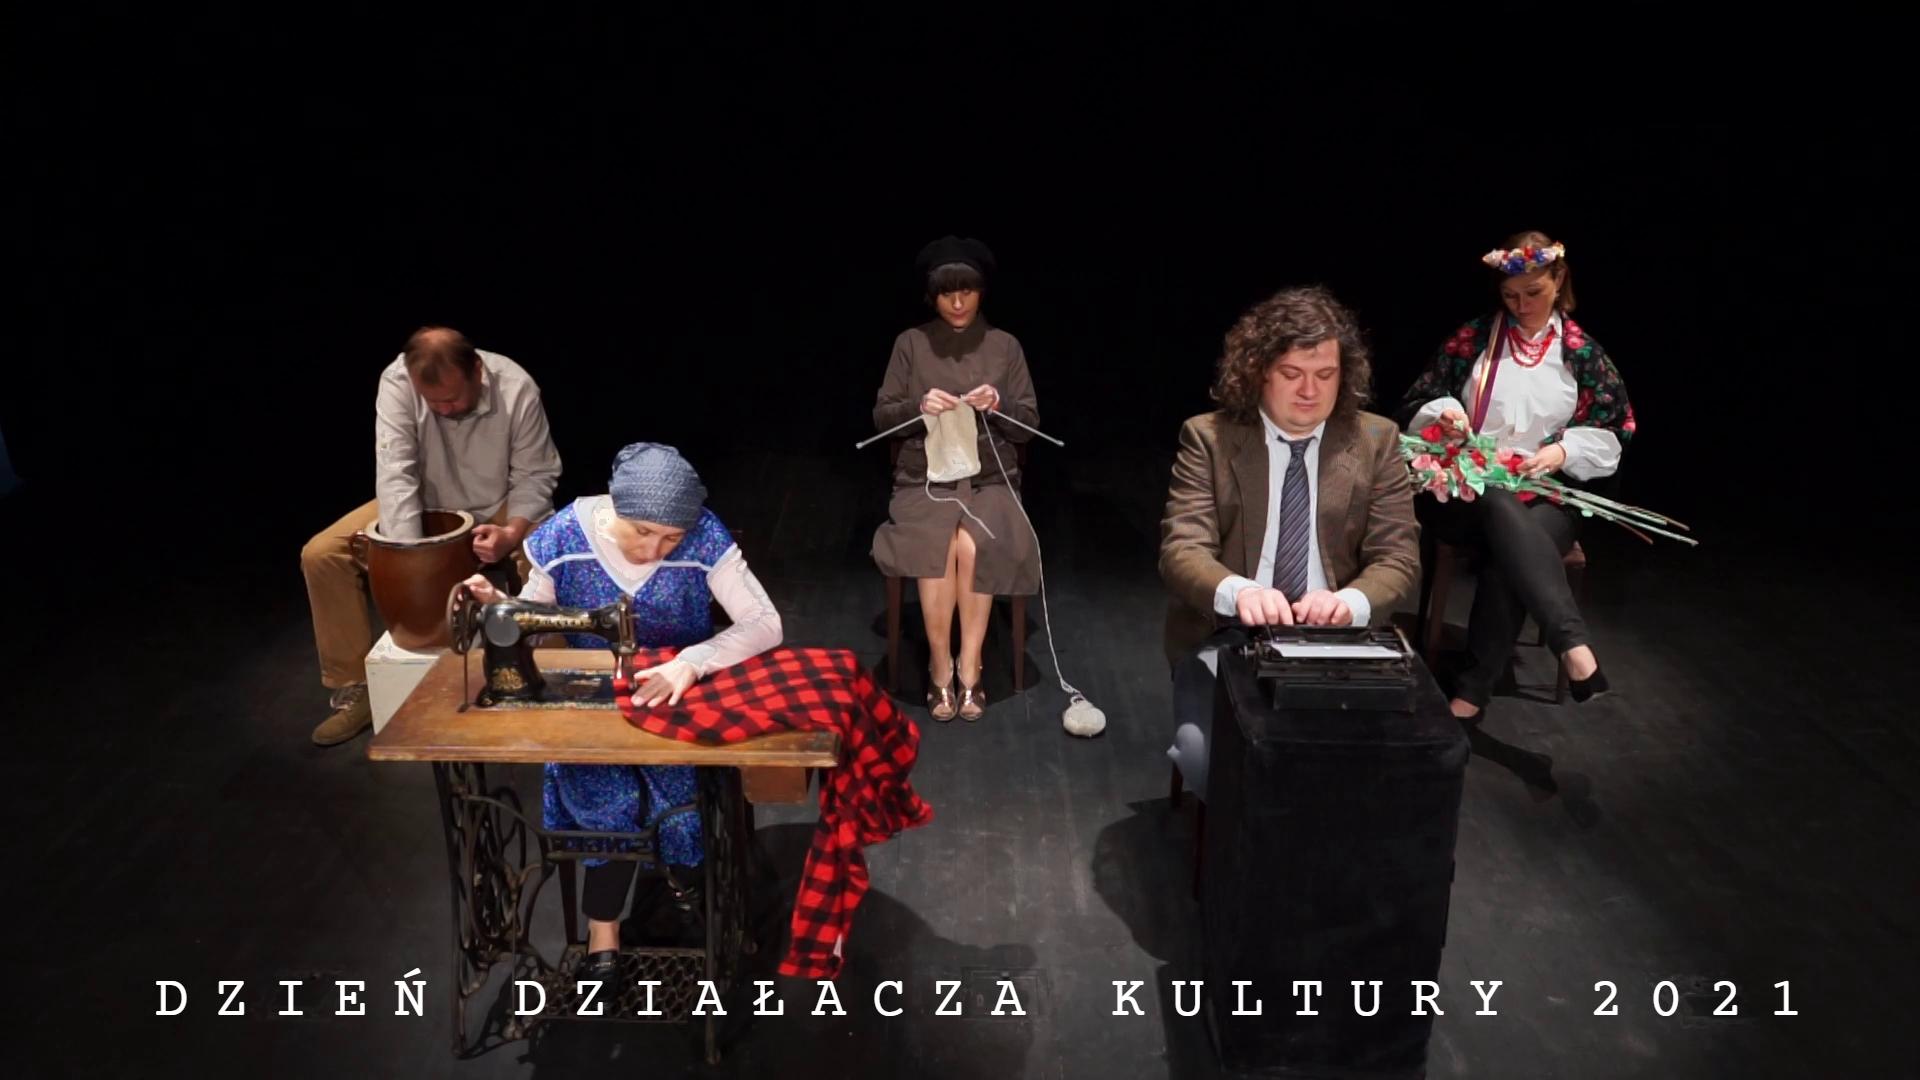 Pięć postaci w strojach a la PRL pracuje na ciemnym tle sceny ŚOK